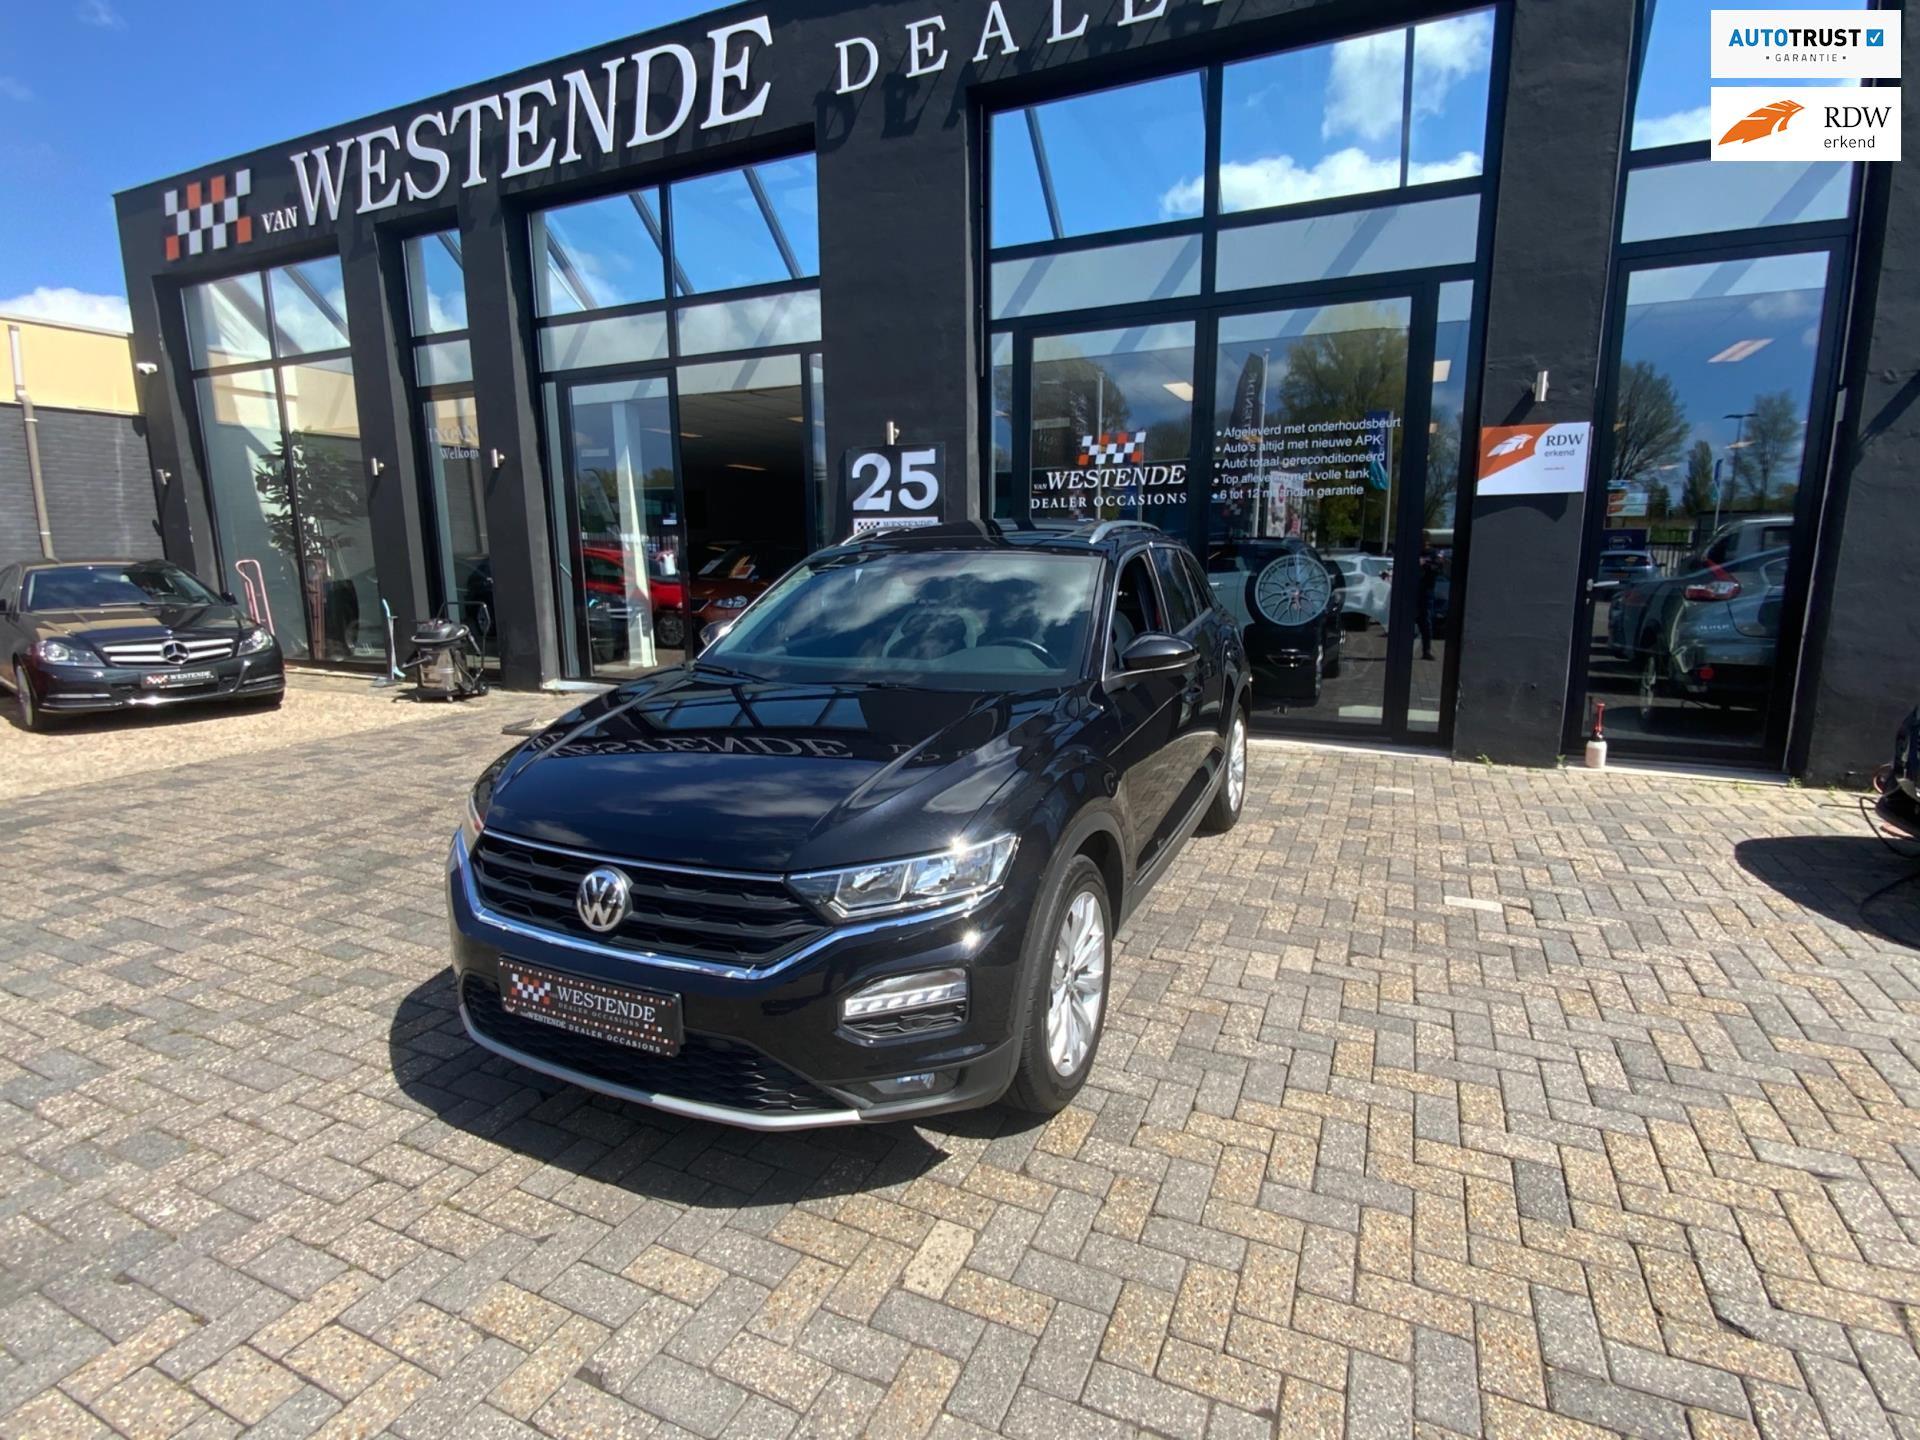 Volkswagen T-Roc occasion - Van Westende Dealeroccasions